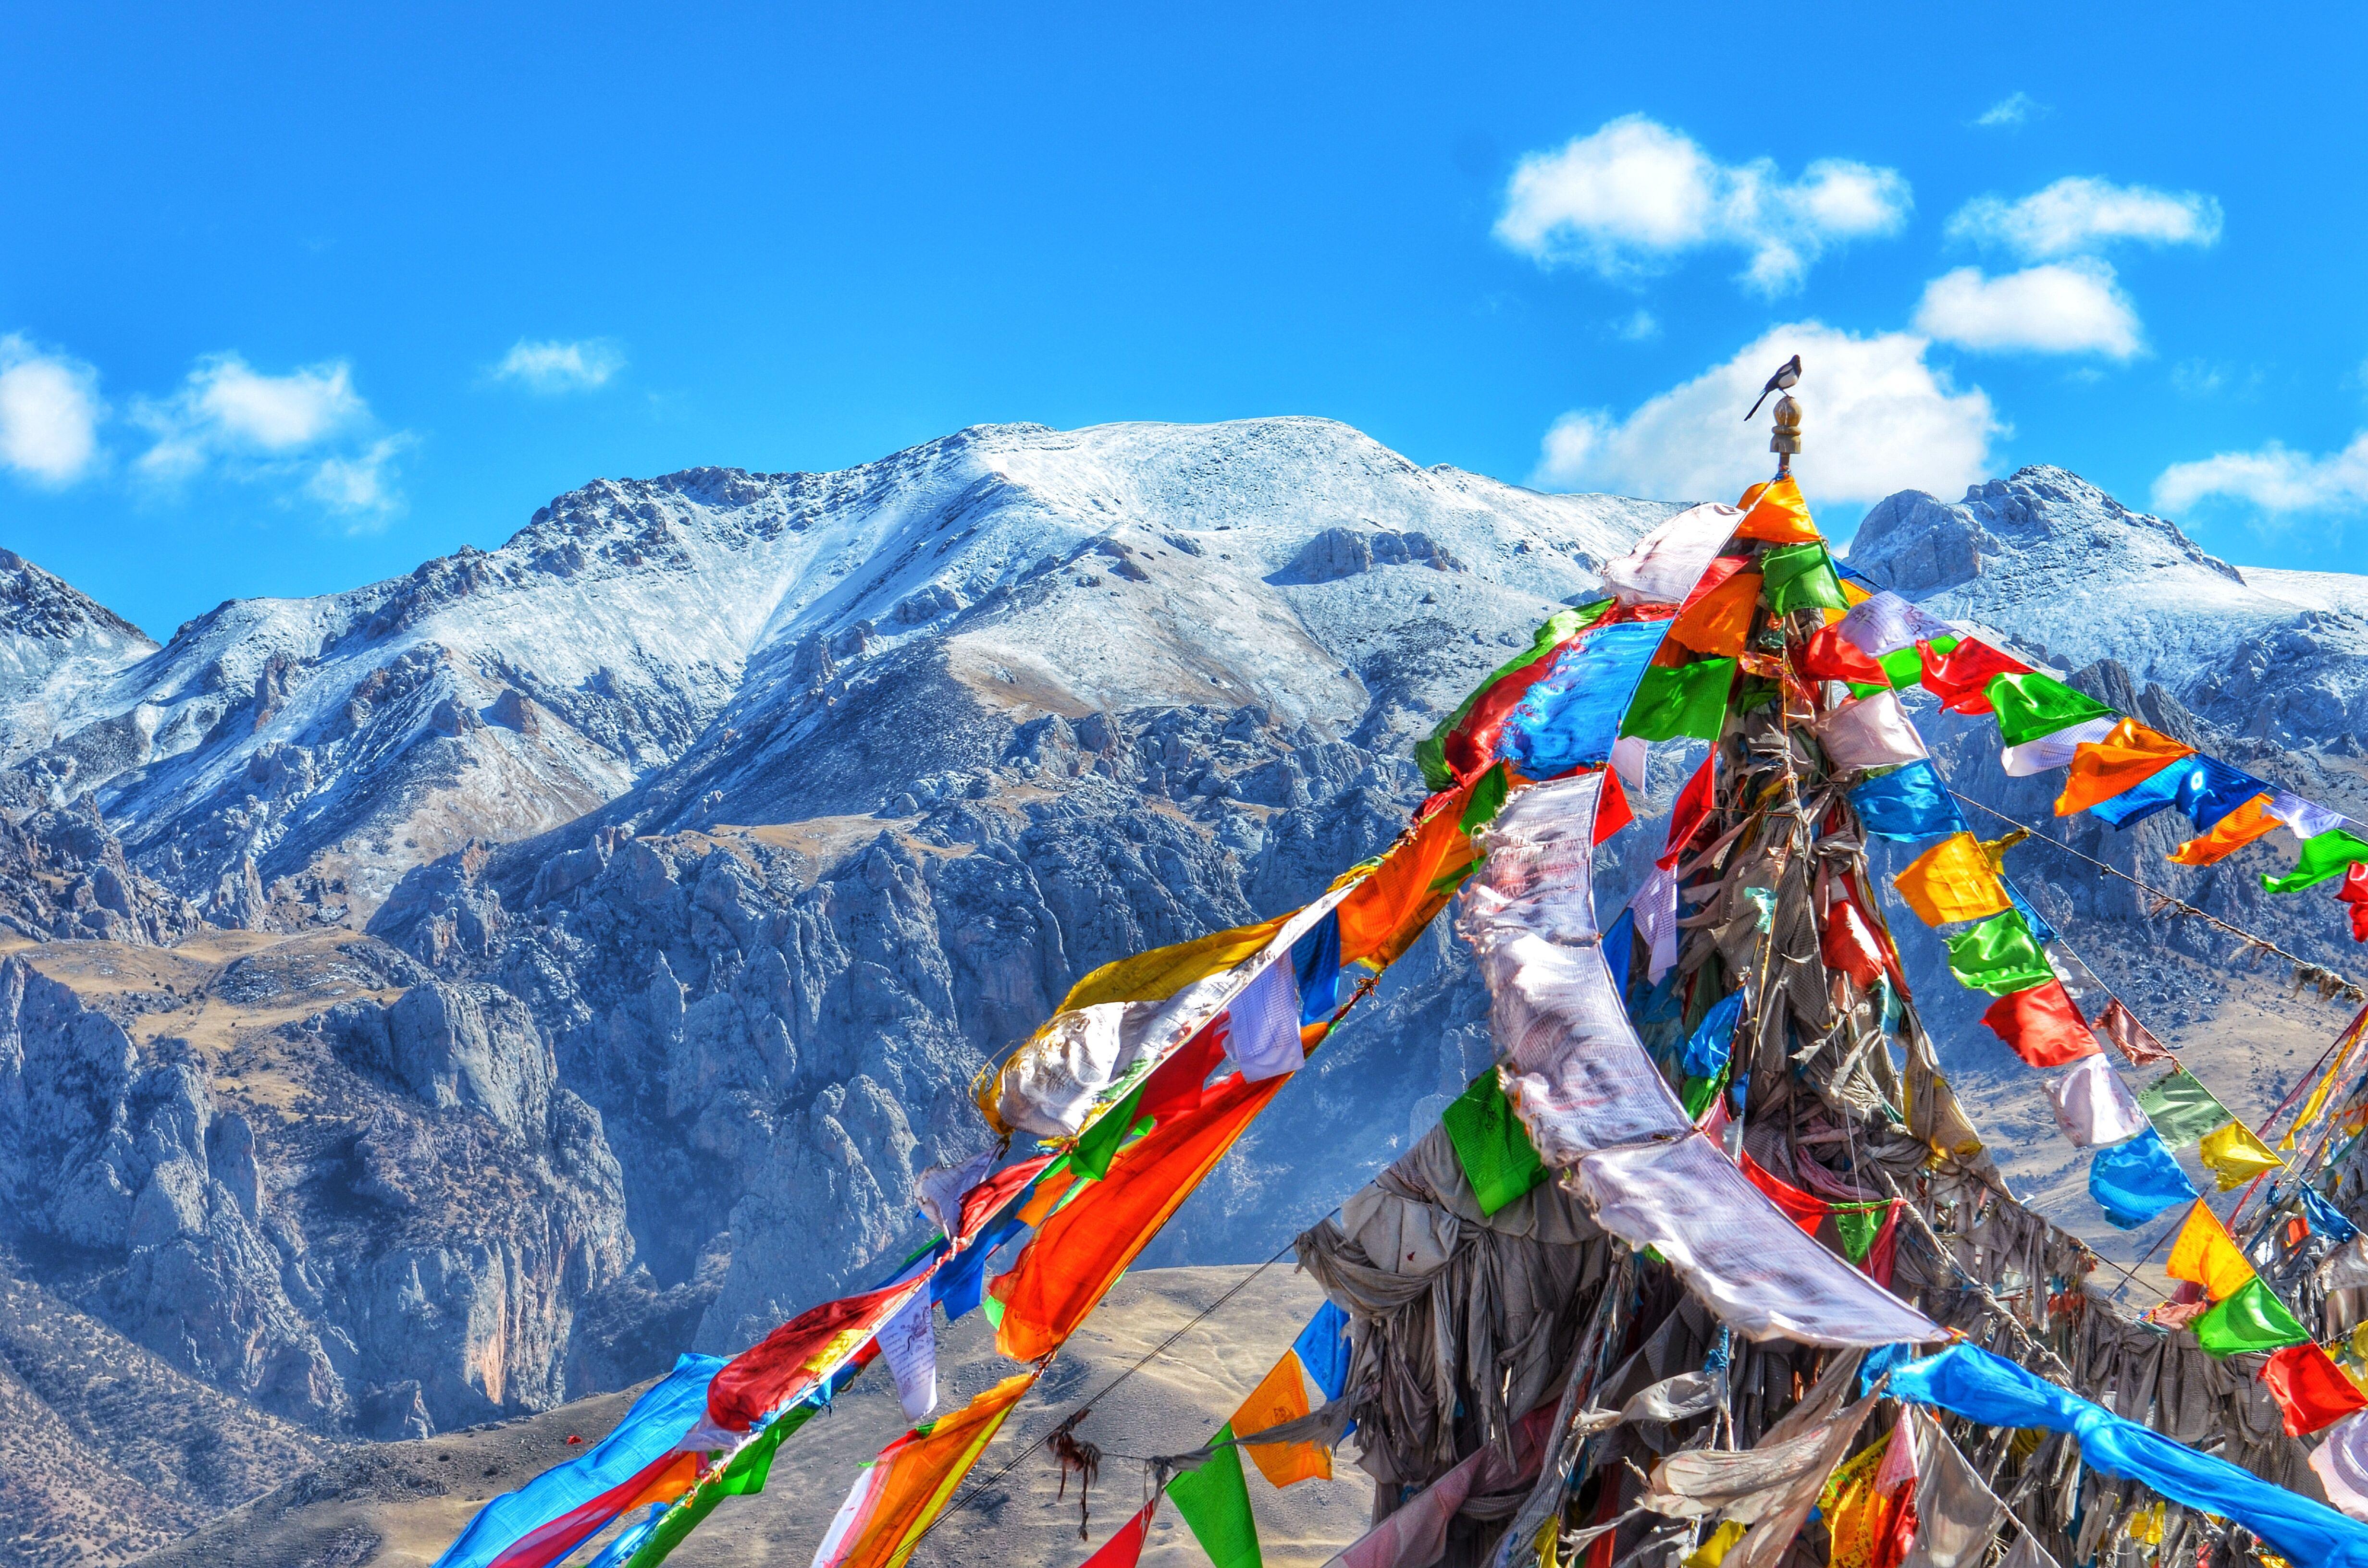 tibetan mastiff hd wallpapers | hd wallpapers | pinterest | tibet